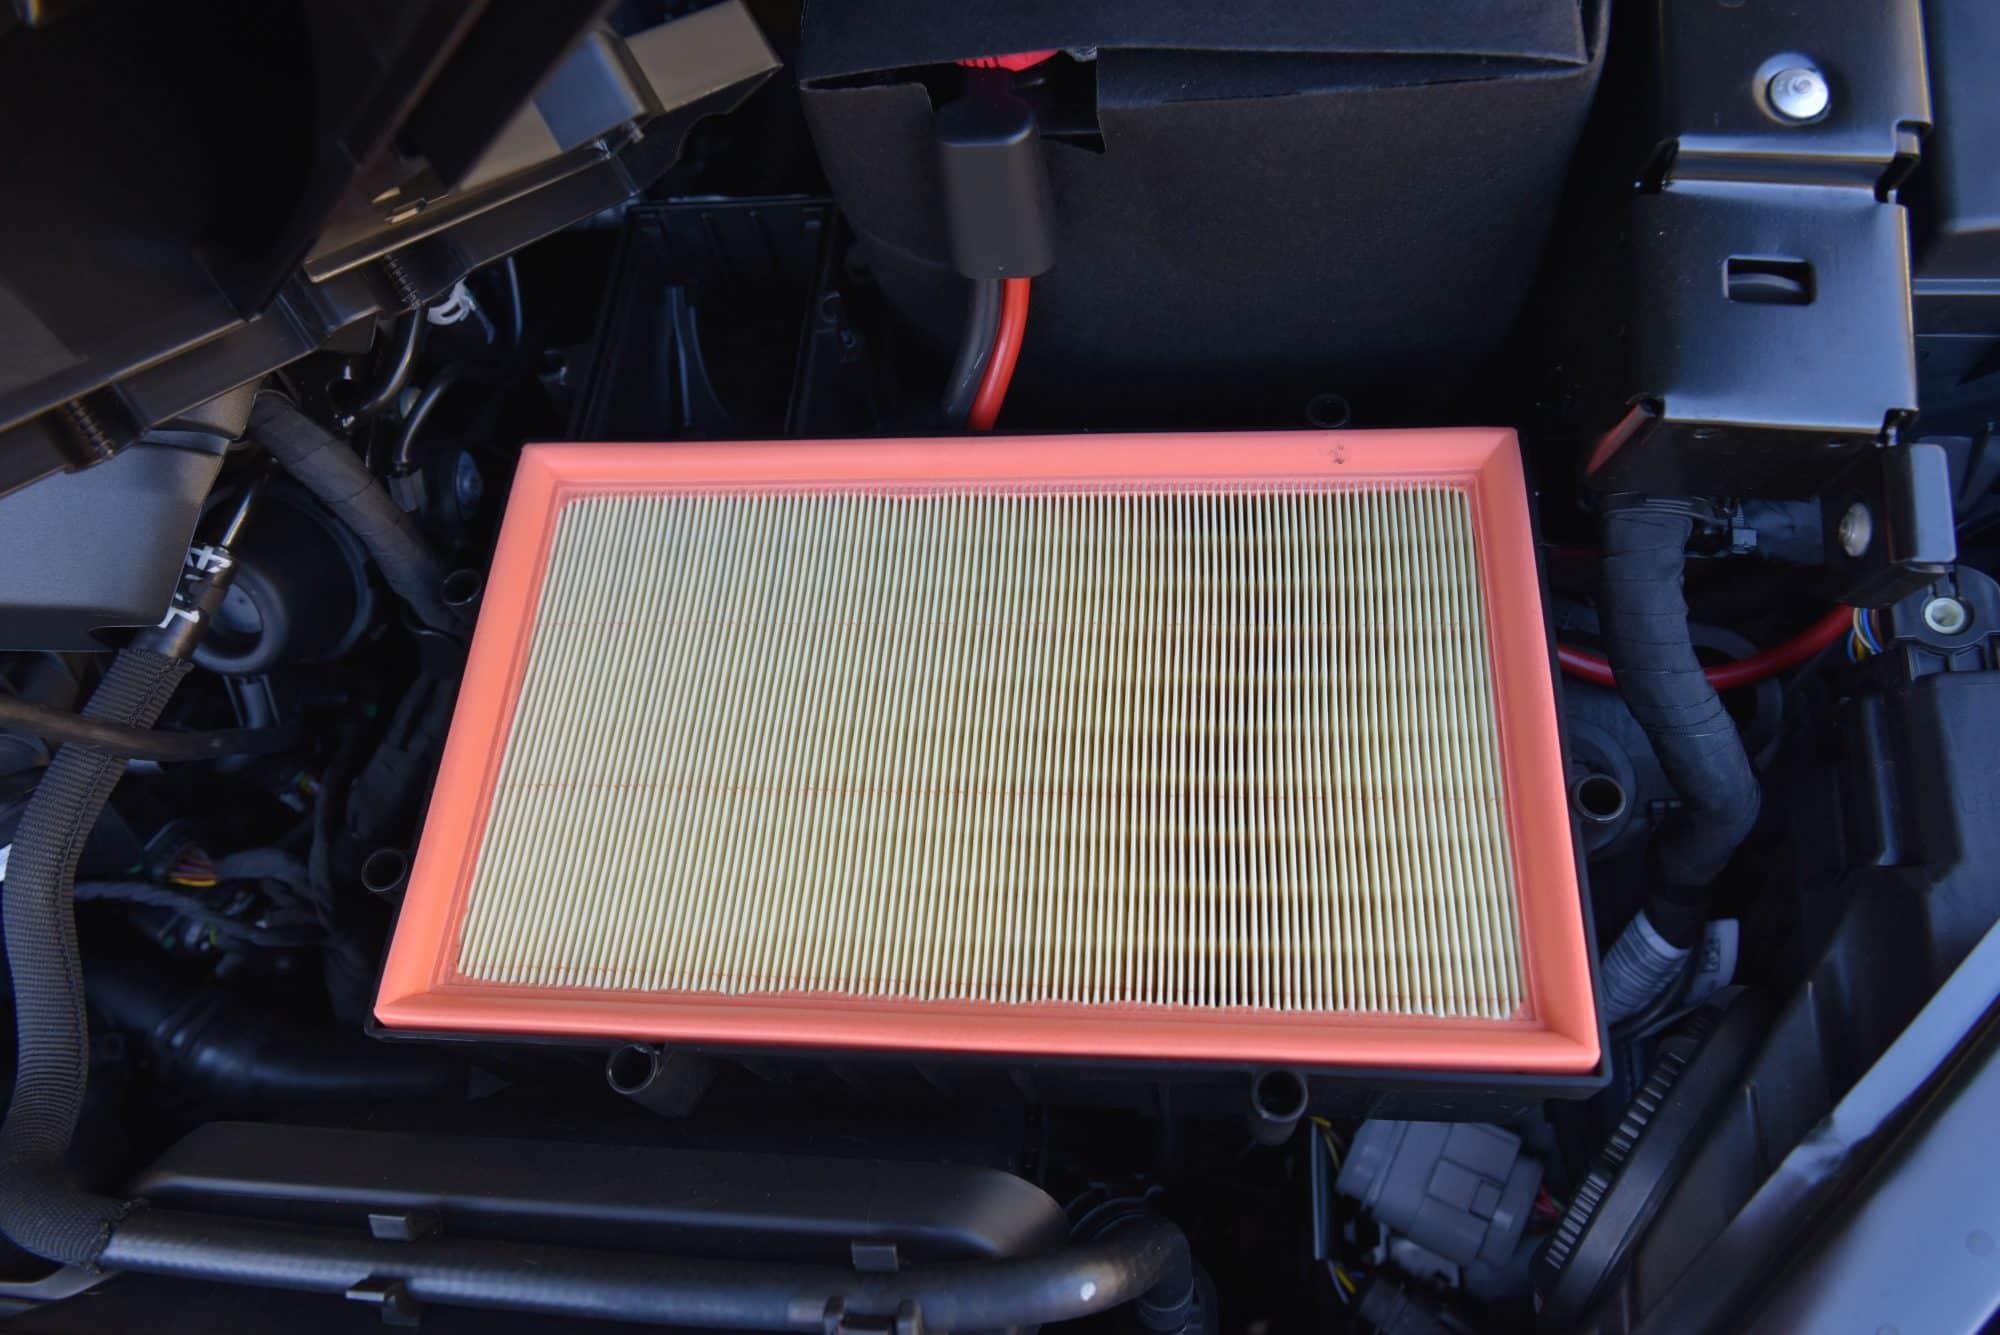 MK7 Golf R Air Filter